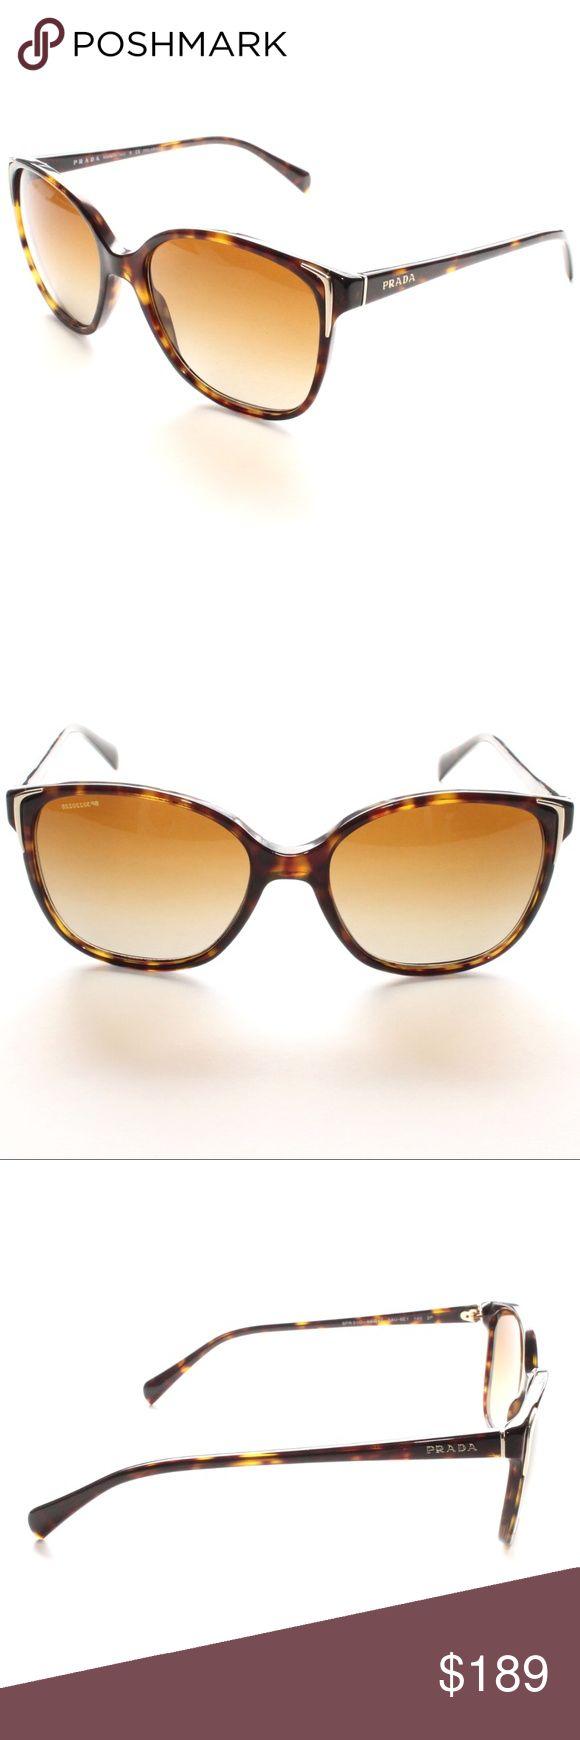 PRADA Spr01o 2au-6e1 Brown Tortoise  Polarized Brand New 100% Authentic PRADA Spr01o 2au-6e1 Tortoise Cat Eye Frame W/ Polarized Brown Gradient Lenses  Comes with Original Prada Case, NO Pouch Prada Accessories Sunglasses